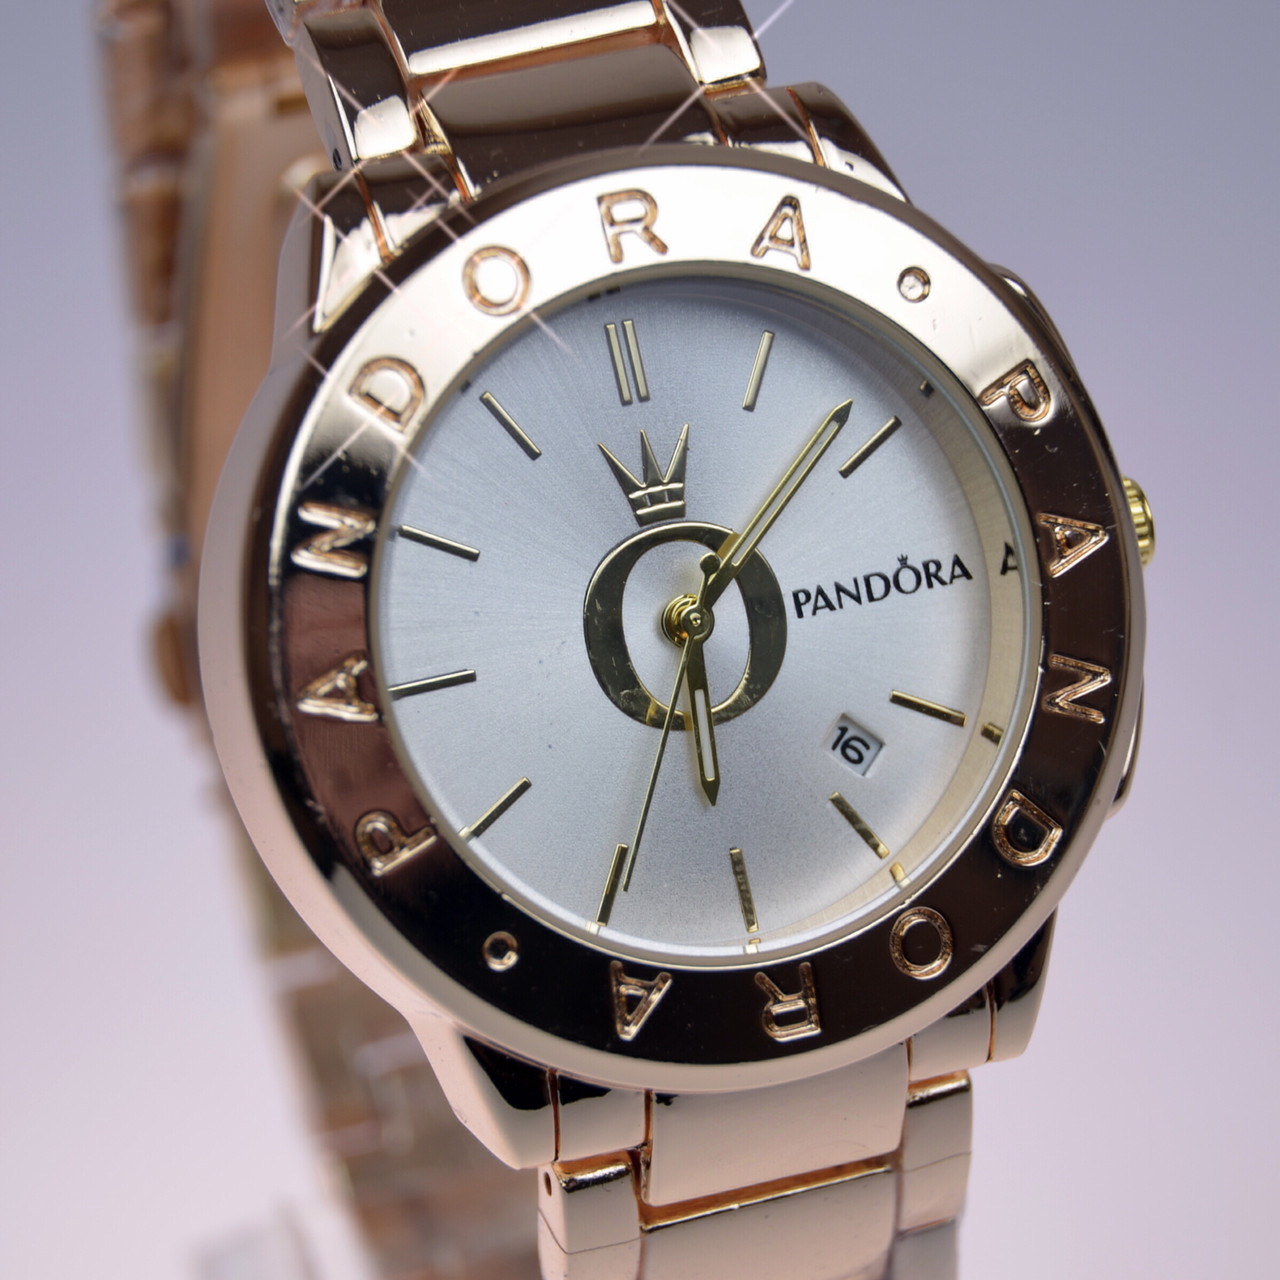 59af594e62b8 Женские наручные часы PANDORA (Пандора) В156 Gold - интернет- магазин